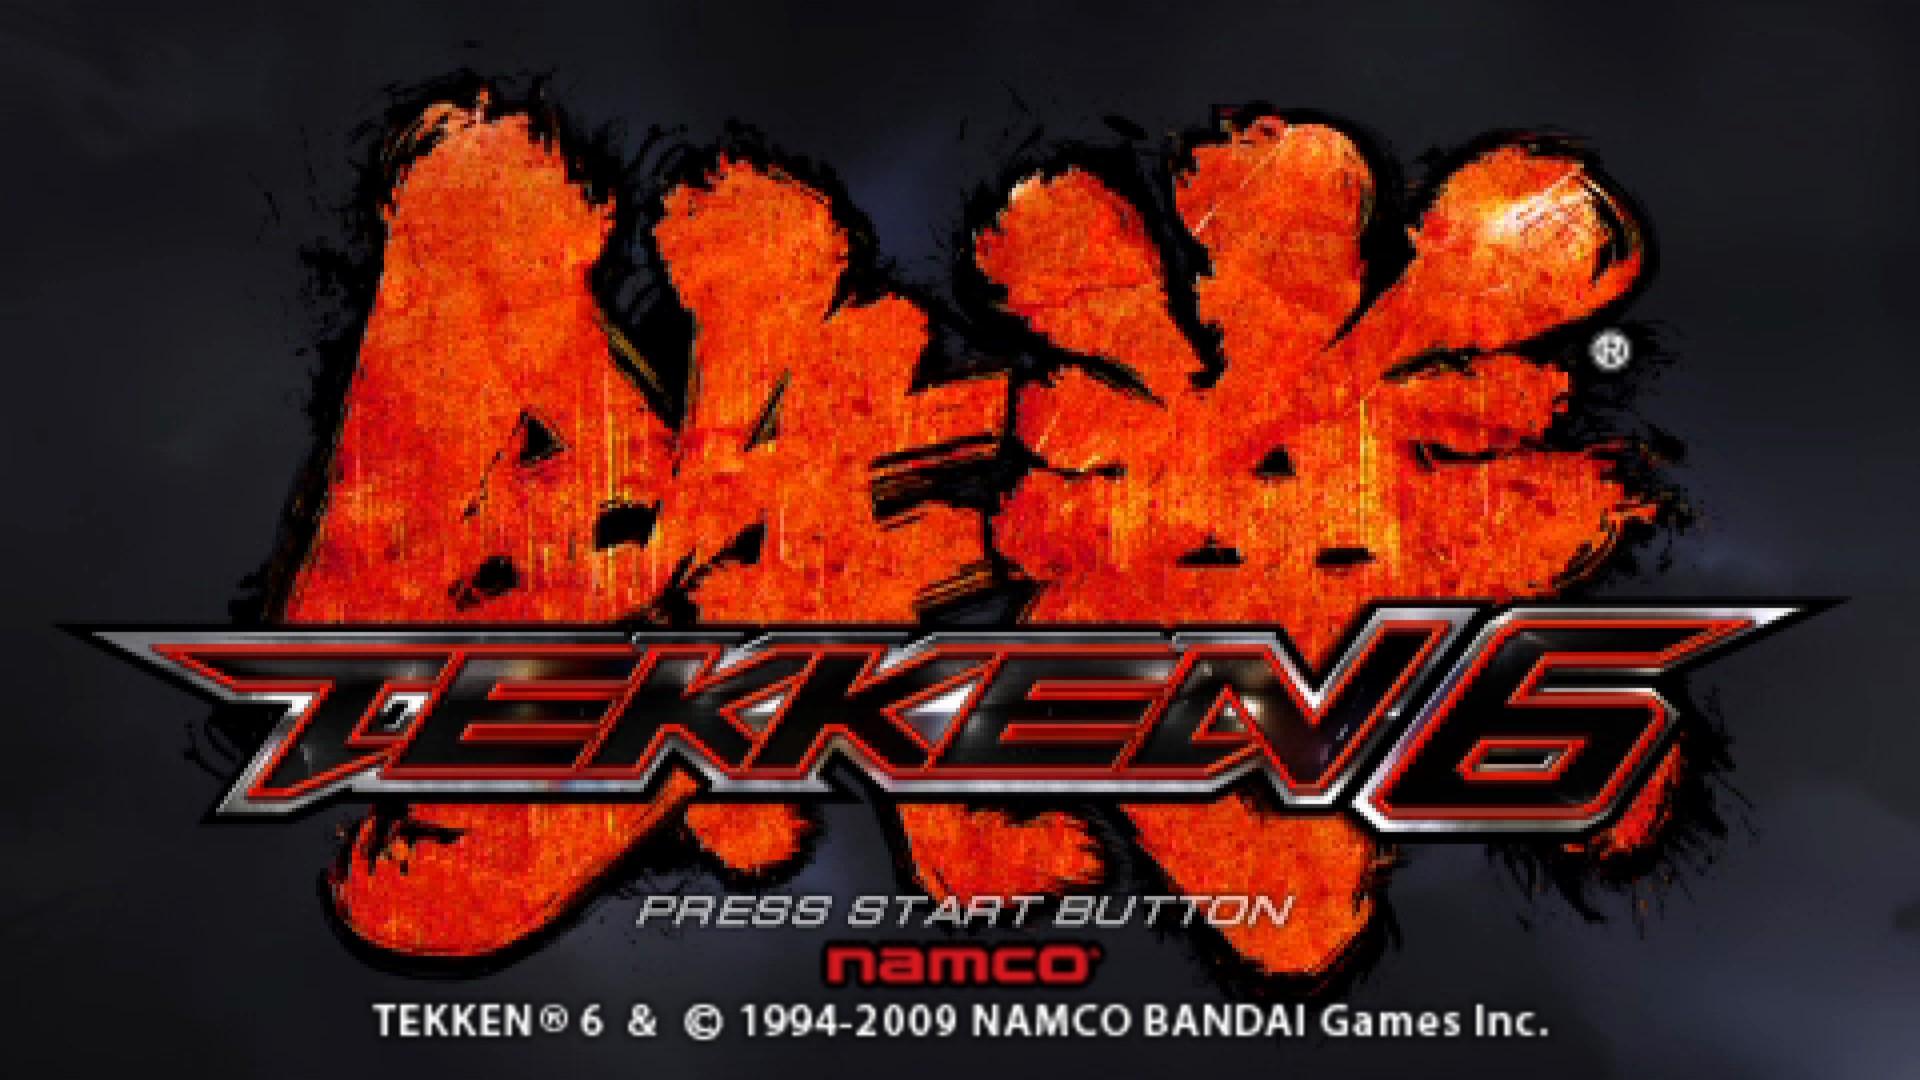 Most Viewed Tekken 6 Wallpapers 4k Wallpapers